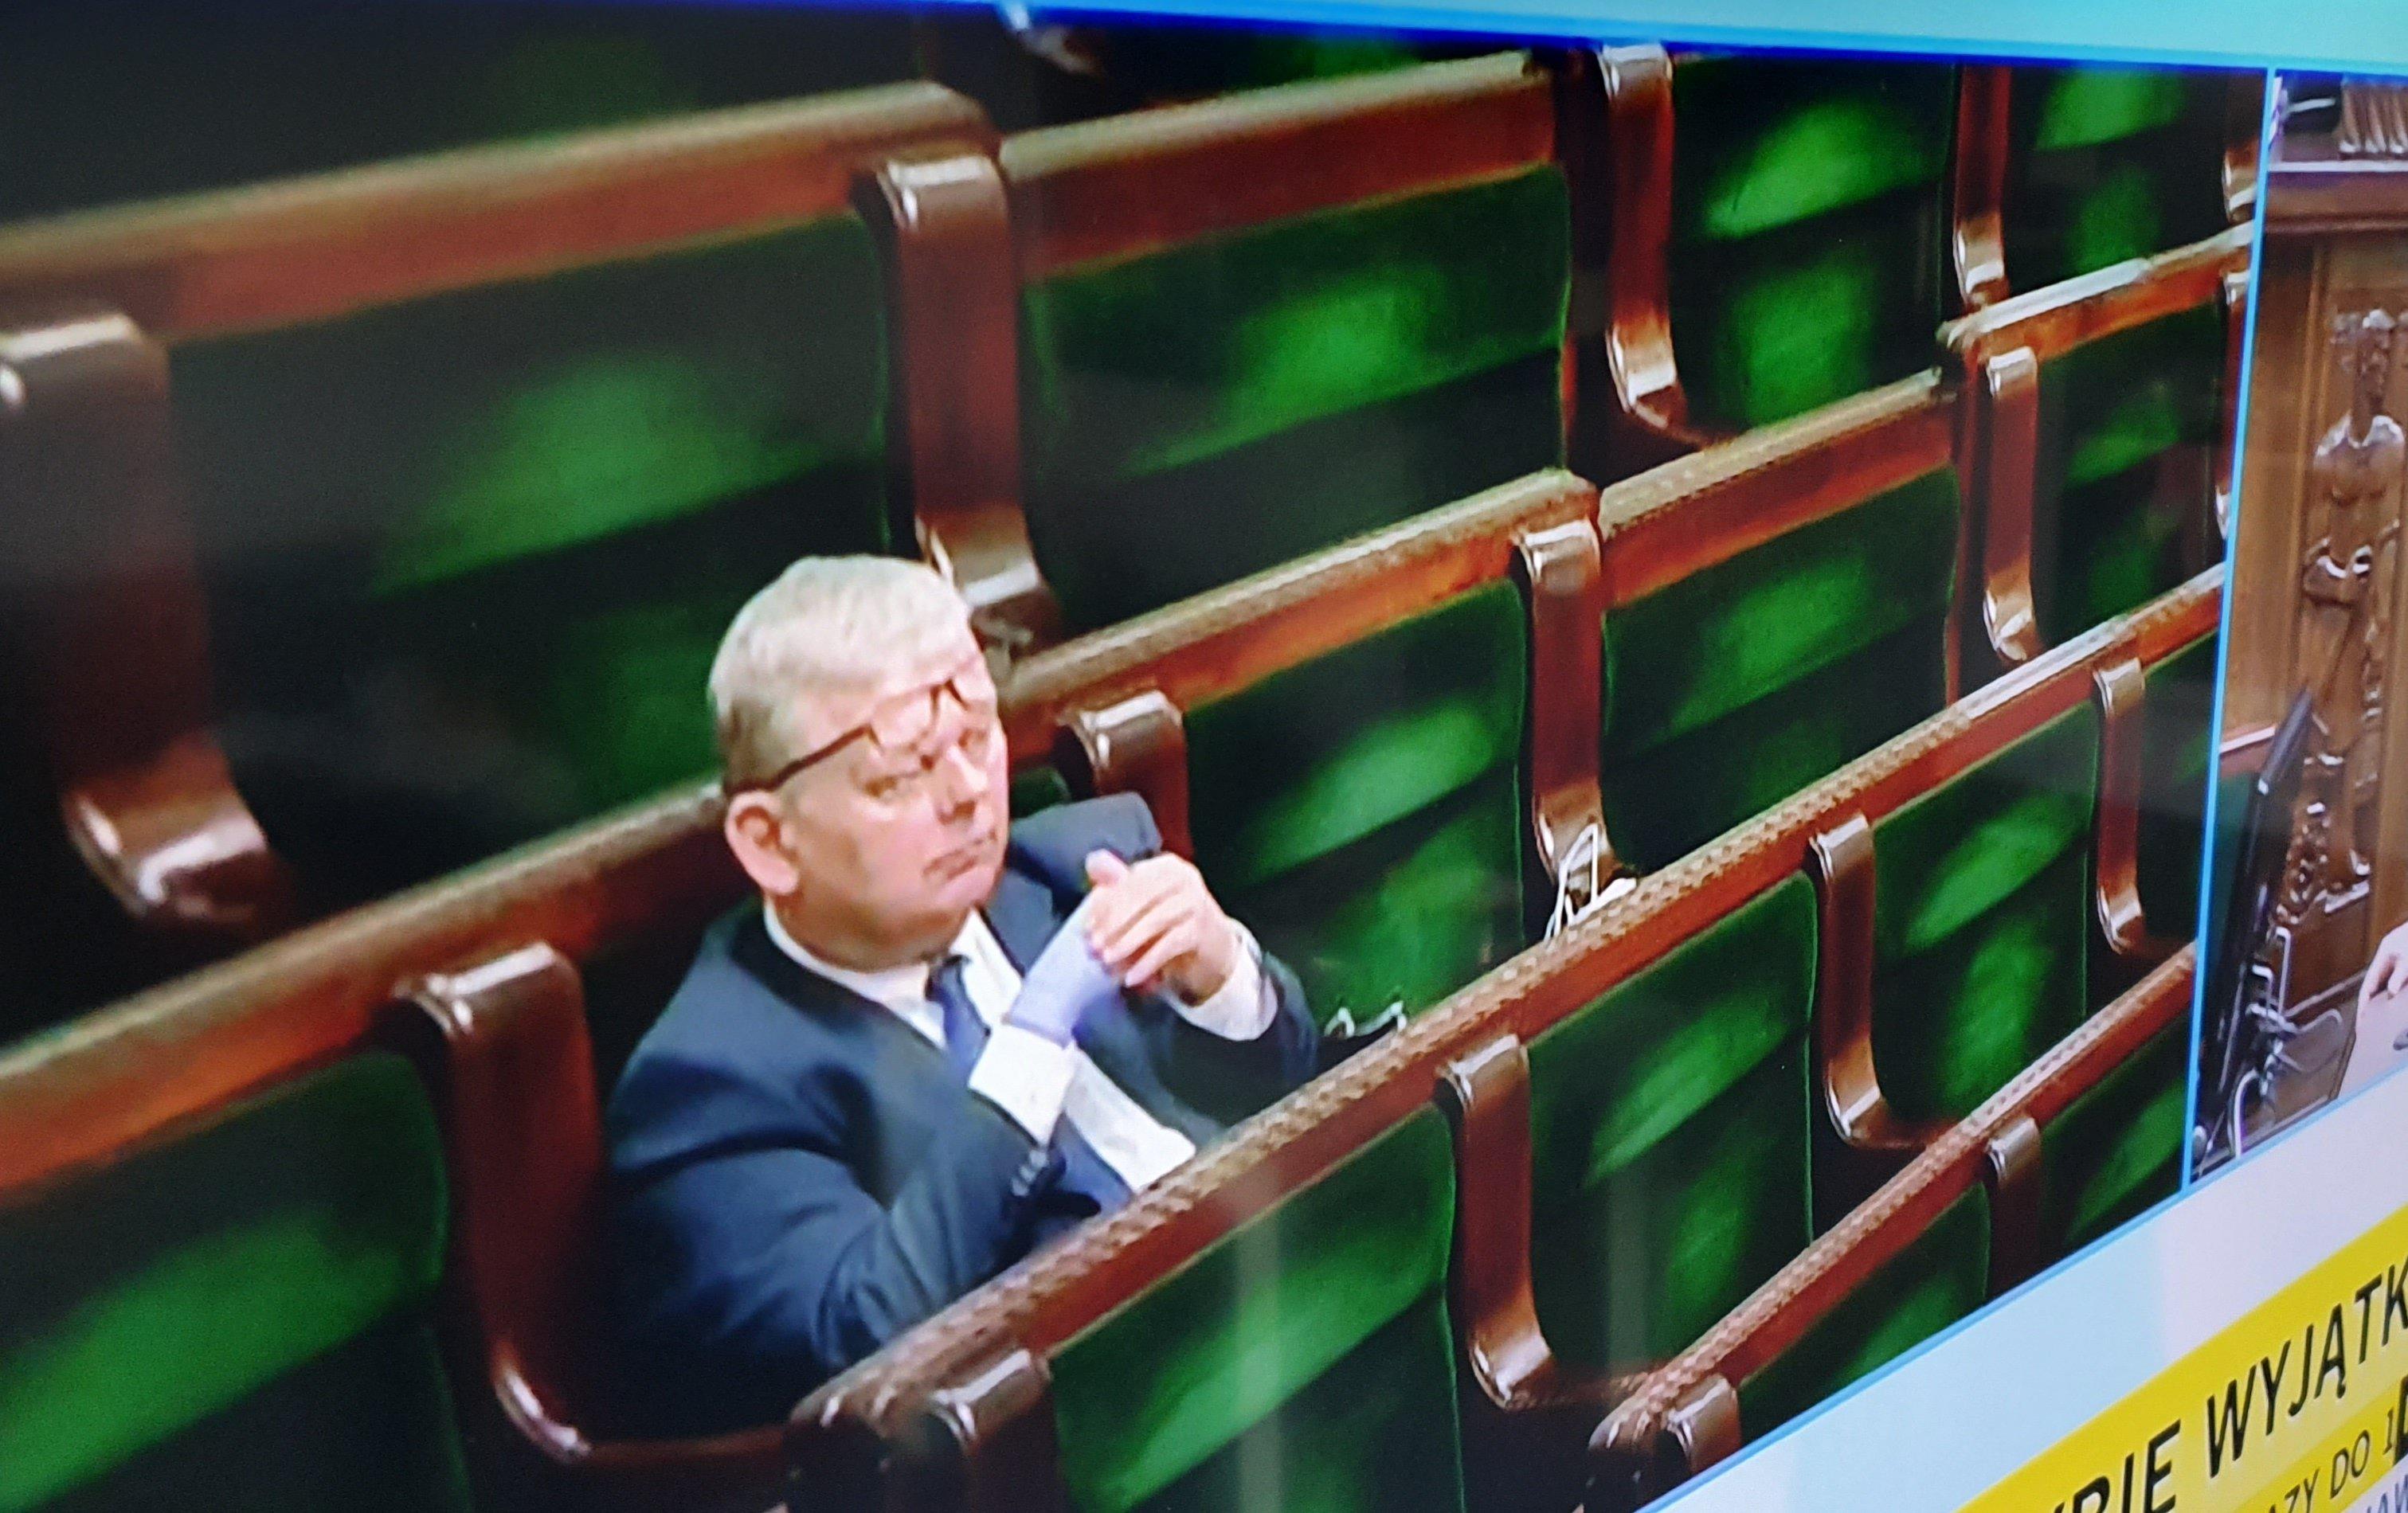 Marek Suski w jednej rękawiczce jednorazowej podczas posiedzenia Sejmu 26 marca 2020, fot. Żaneta Gotowalska, Gazeta Wyborcza